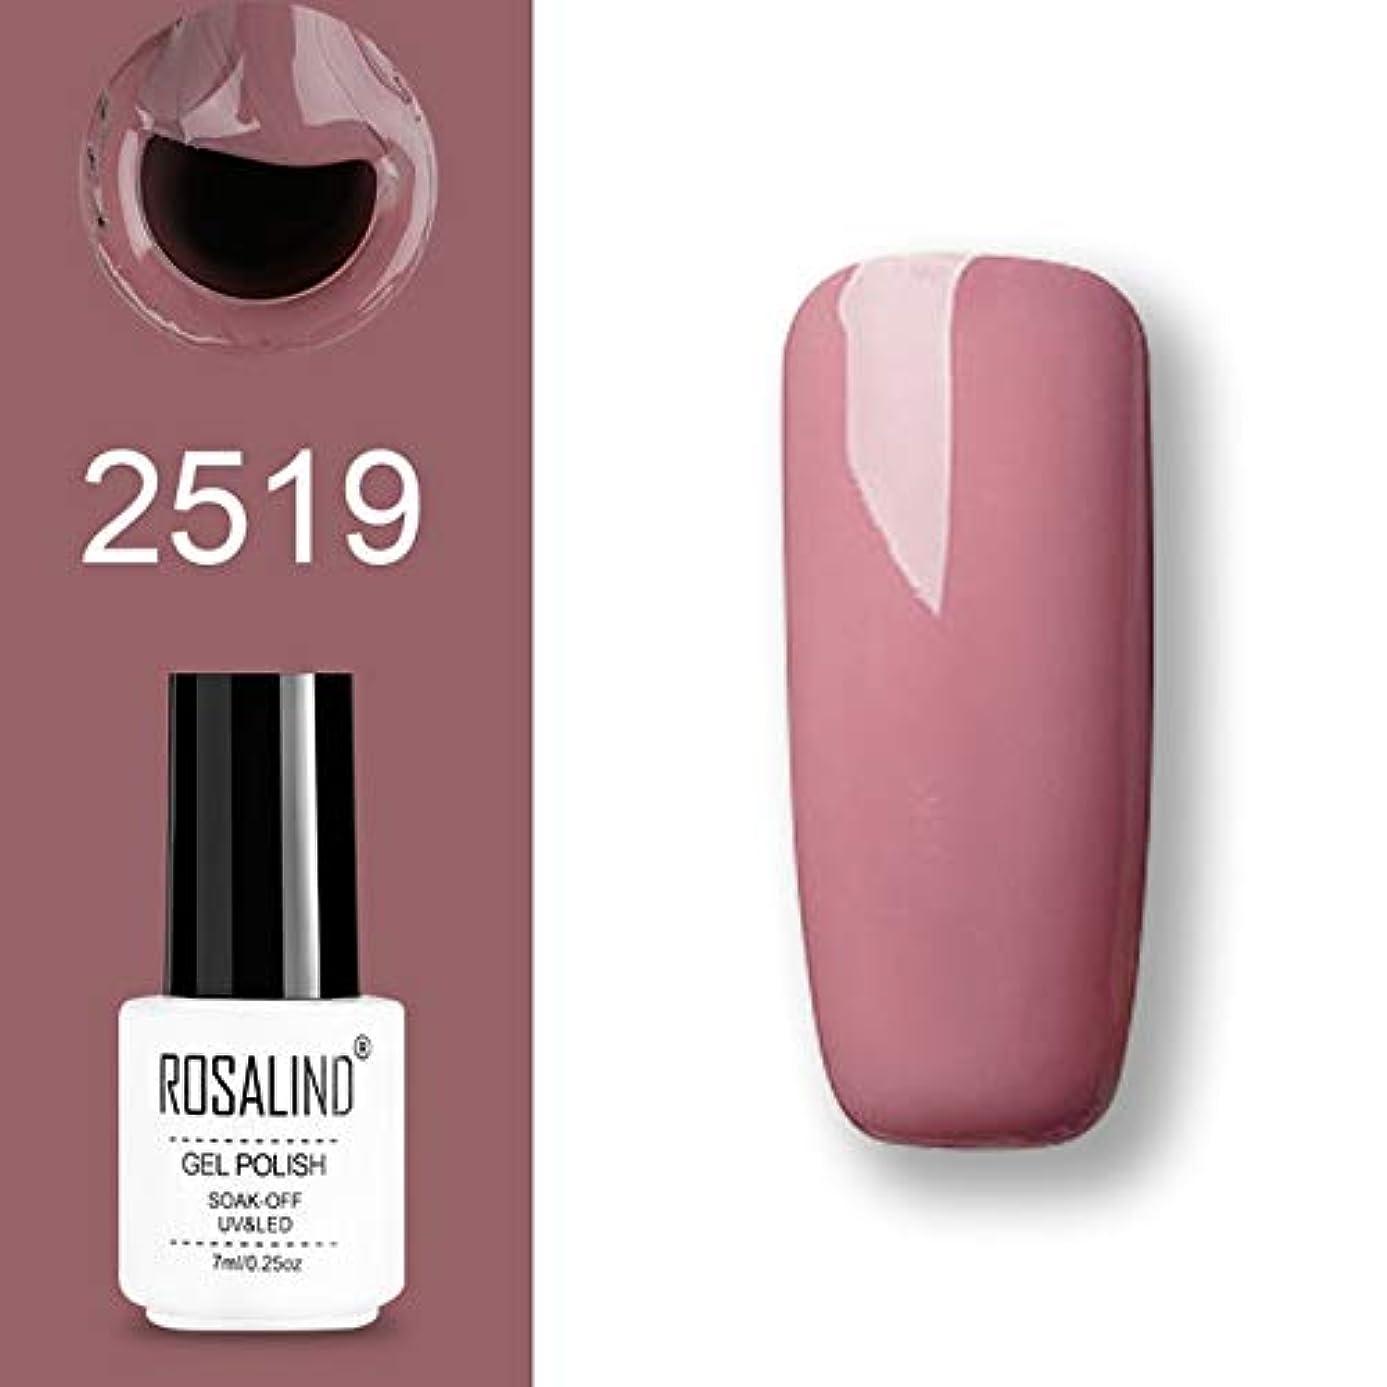 ファッション住むぬいぐるみファッションアイテム ROSALINDジェルポリッシュセットUV半永久プライマートップコートポリジェルニスネイルアートマニキュアジェル、容量:7ml 2519。 環境に優しいマニキュア